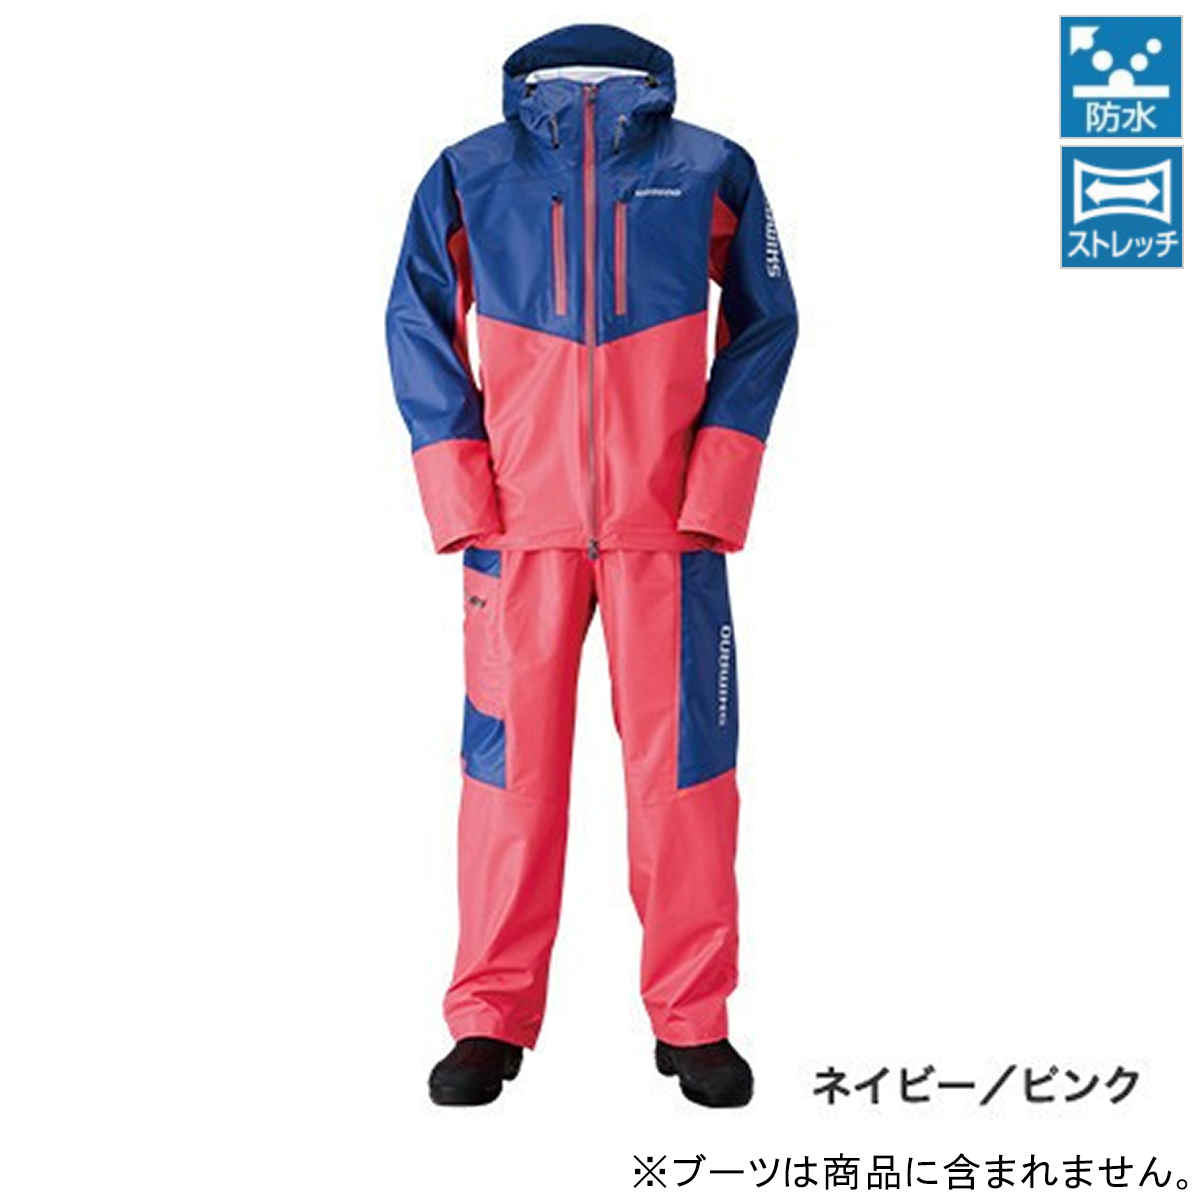 177d4f8d55136 シマノ マリンライトスーツ RA-034N L ネイビー ピンク(東日本店)